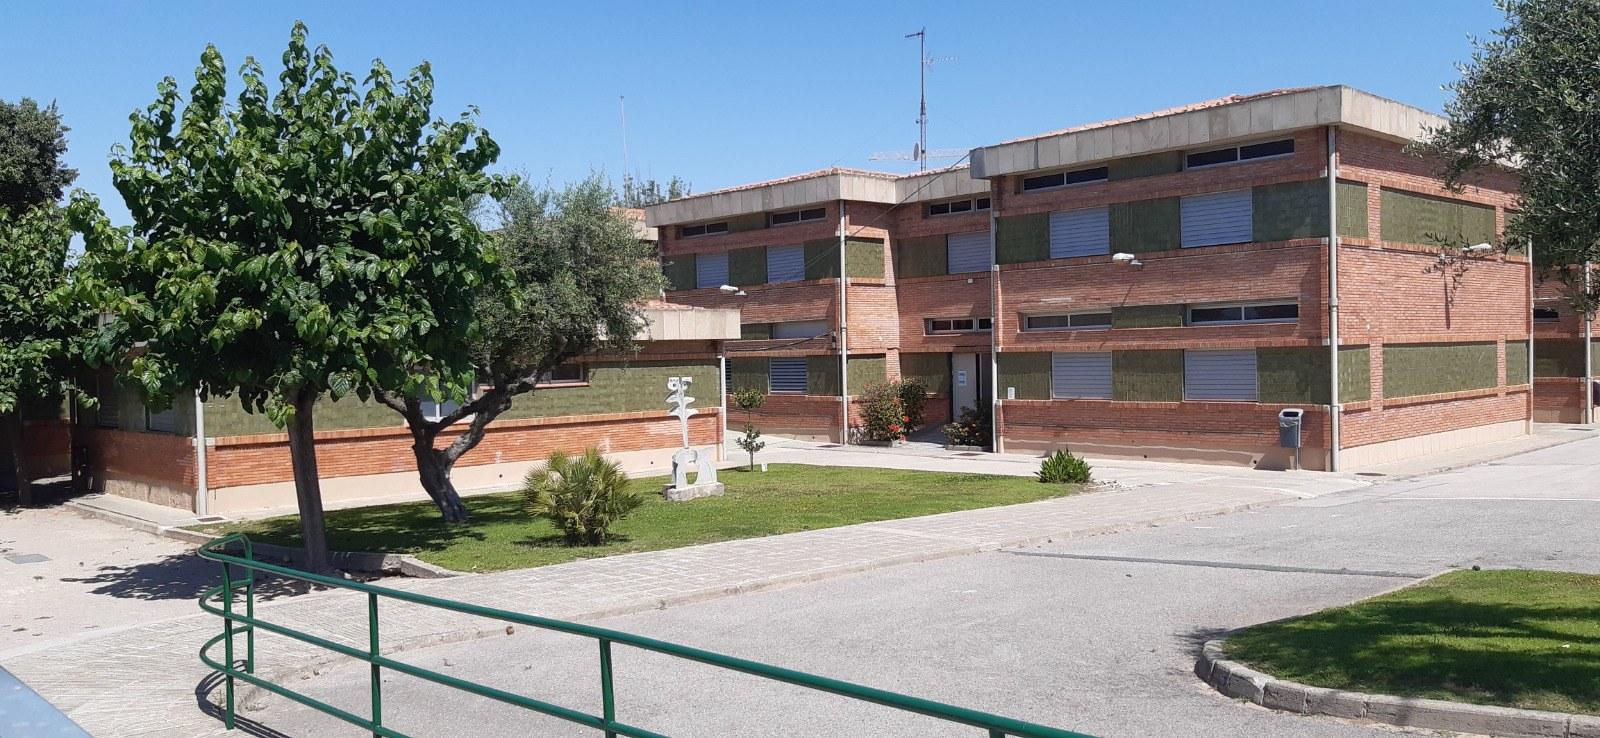 Les jornades de portes obertes als centres educatius de Sitges seran virtuals i presencials